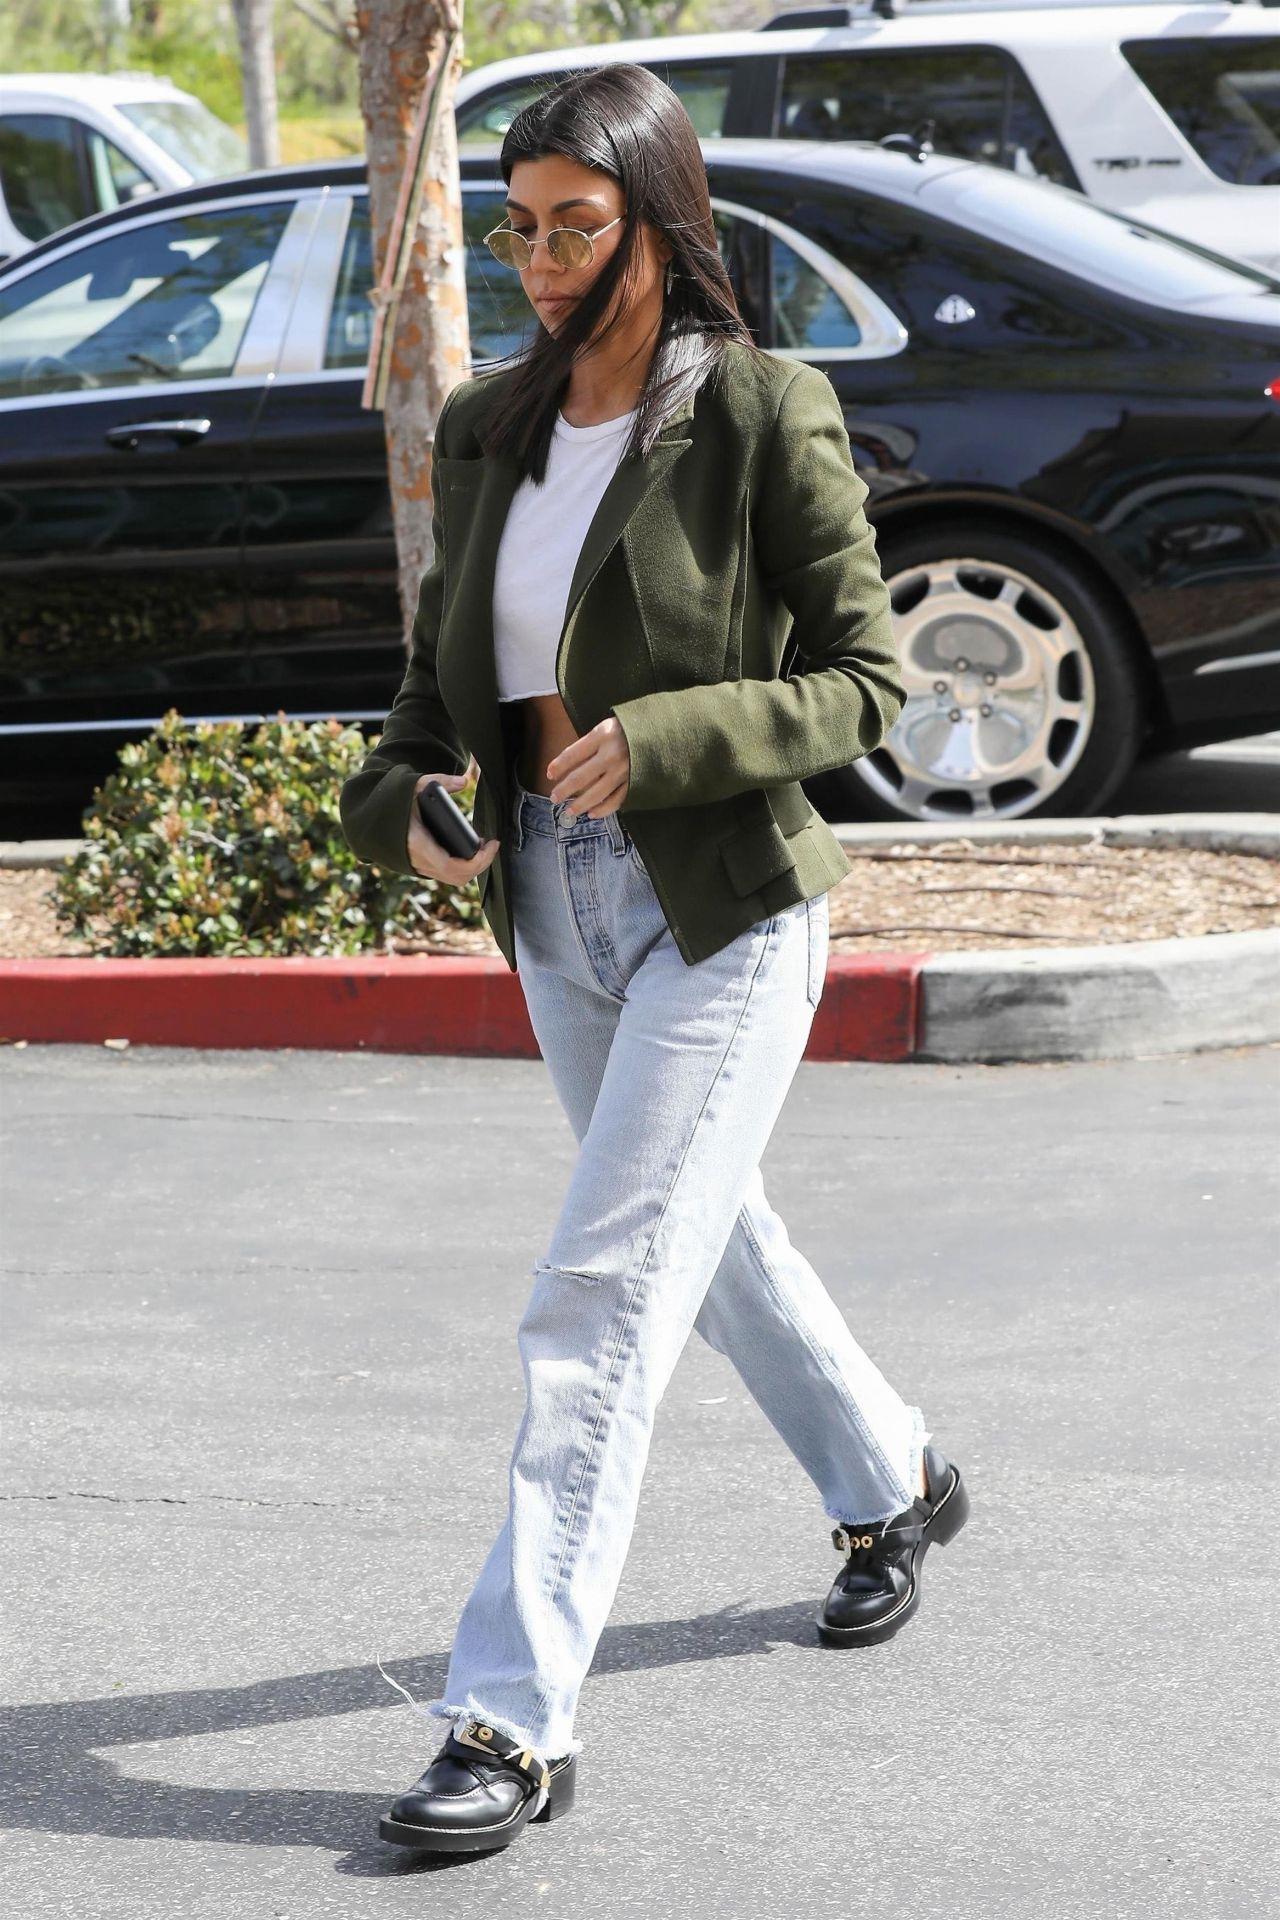 Kourtney Kardashian at the Grocery Store in Calabasas 03 ...